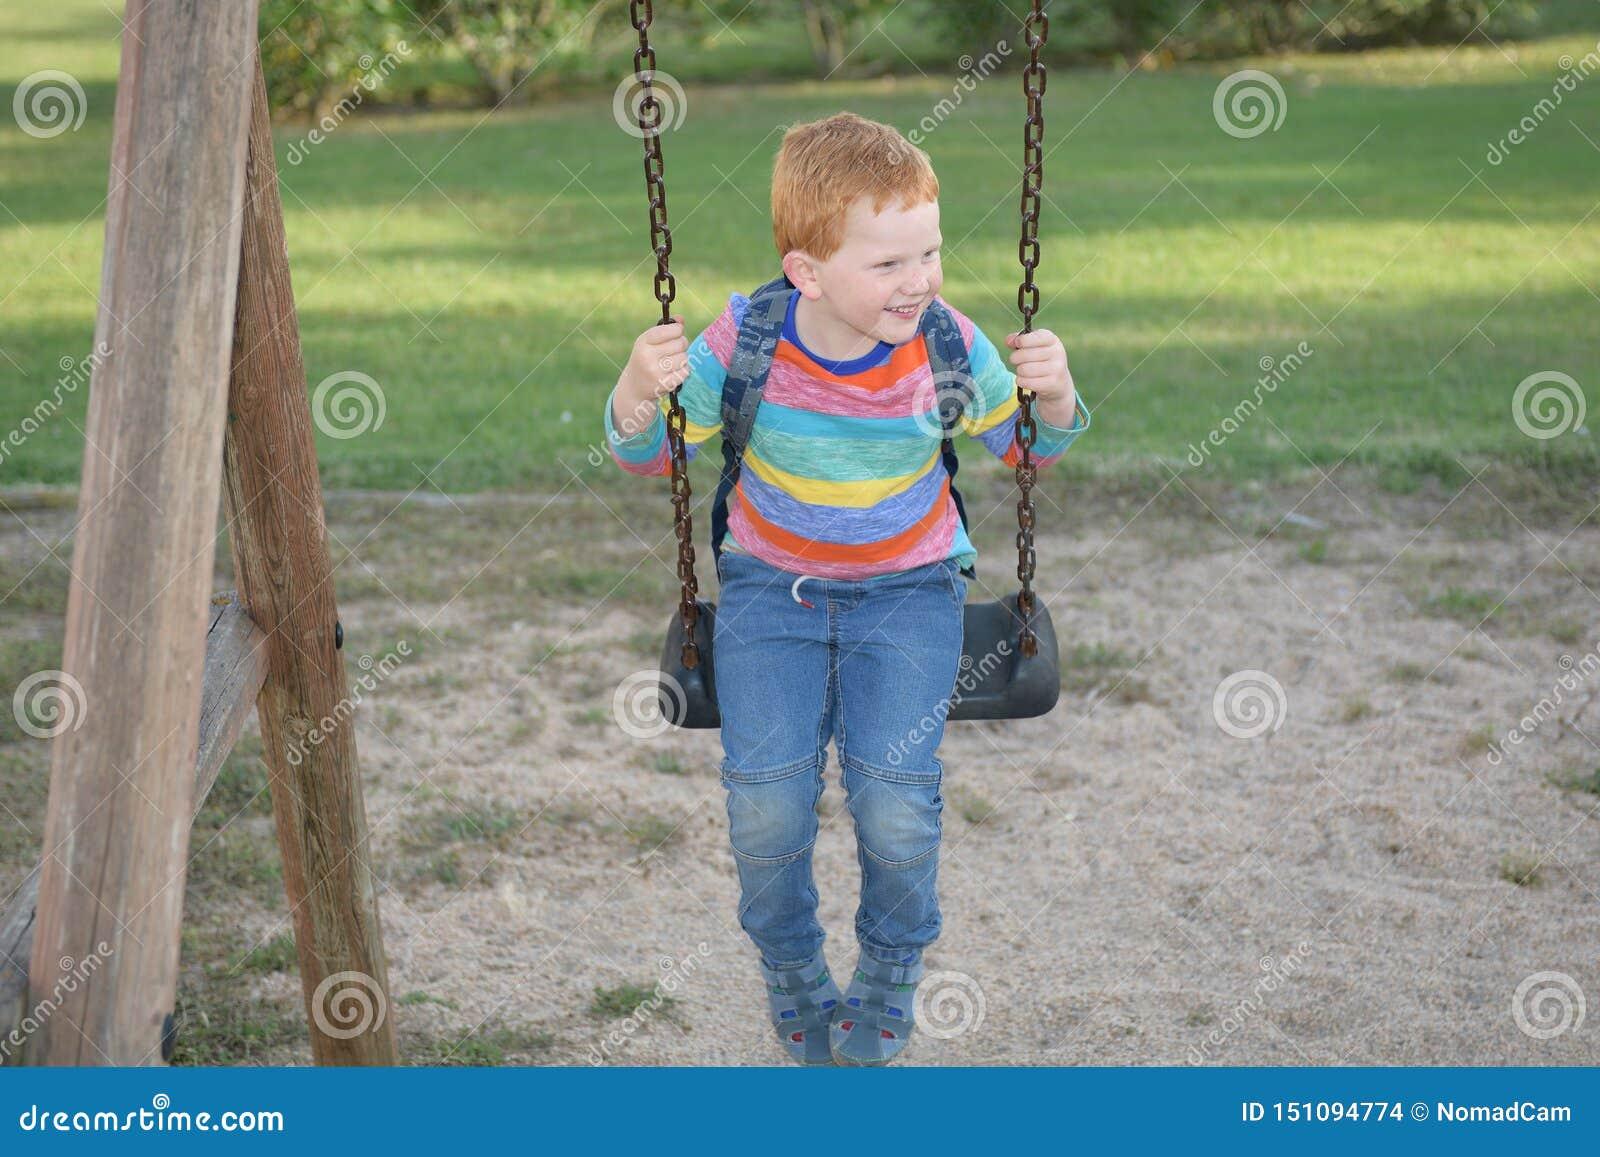 5 Jahre alte redheaded glückliche Junge mit seinem schwingenden und lächelnden Rucksack